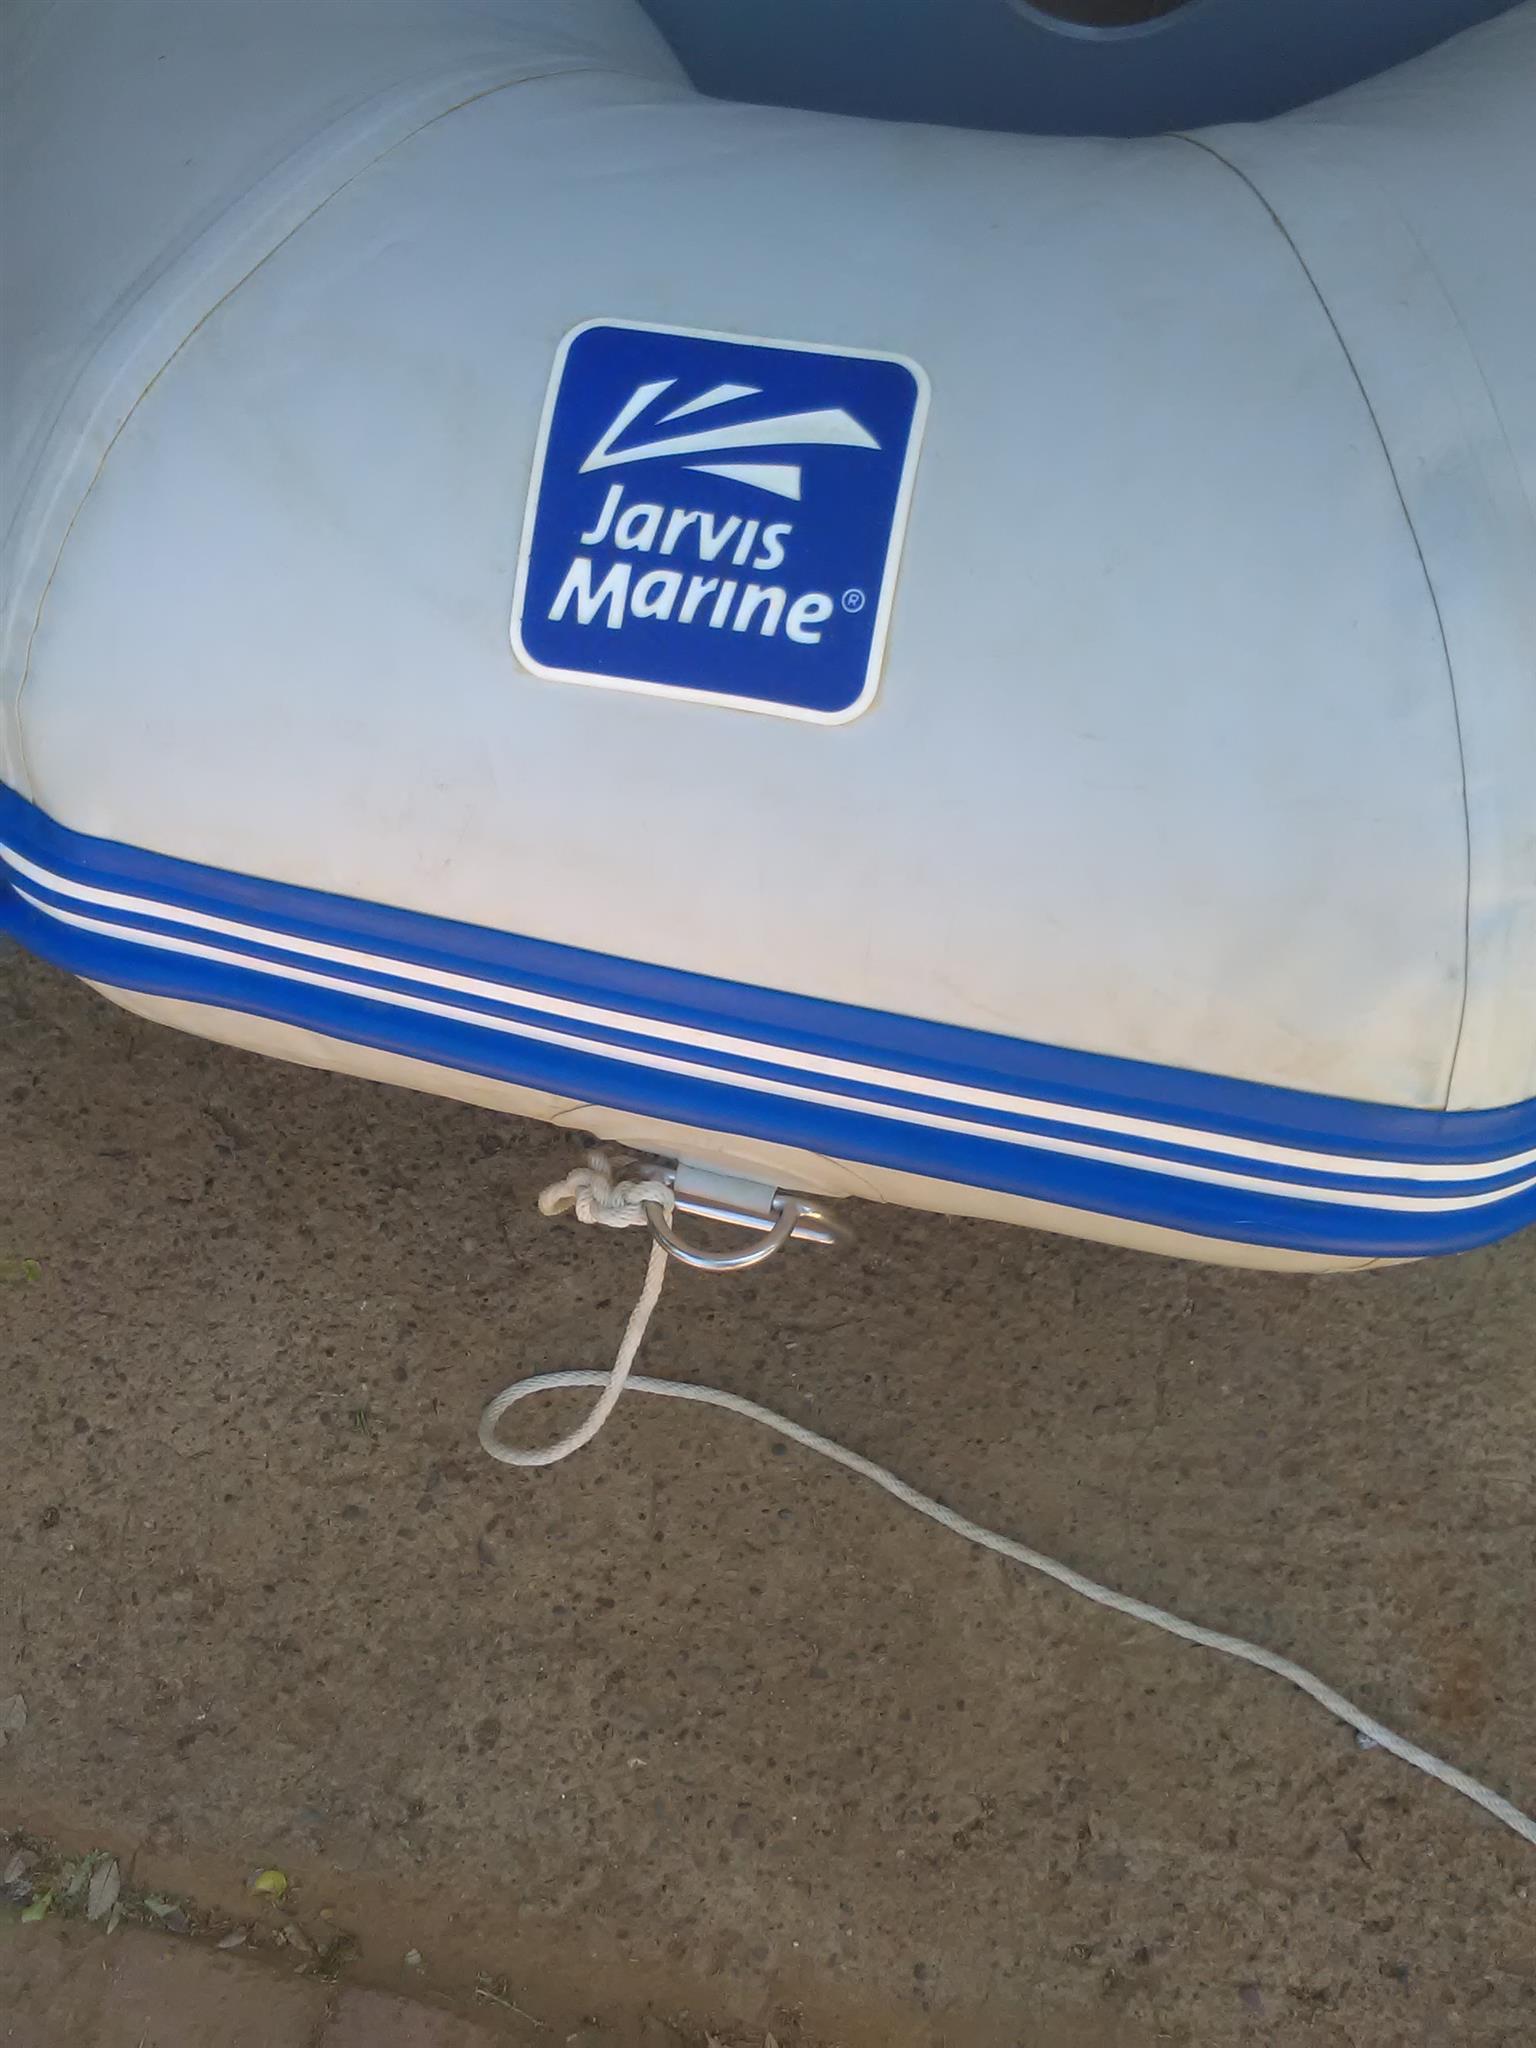 Javis marine. Boat